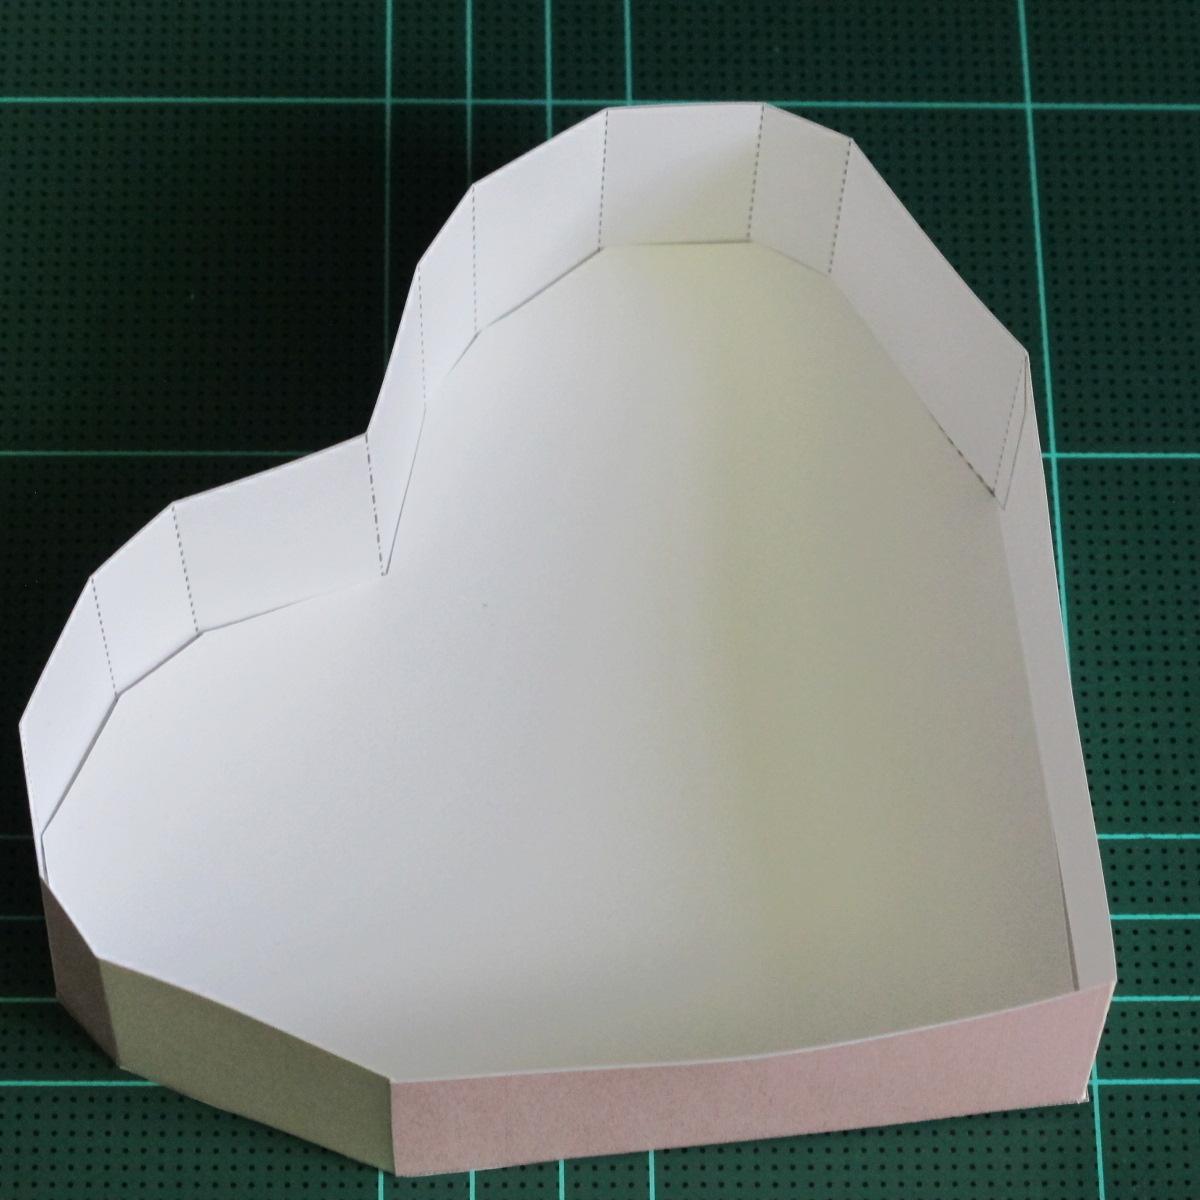 วิธีทำโมเดลกระดาษเป็นกล่องของขวัญรูปหัวใจ (Heart Box Papercraft Model) 015